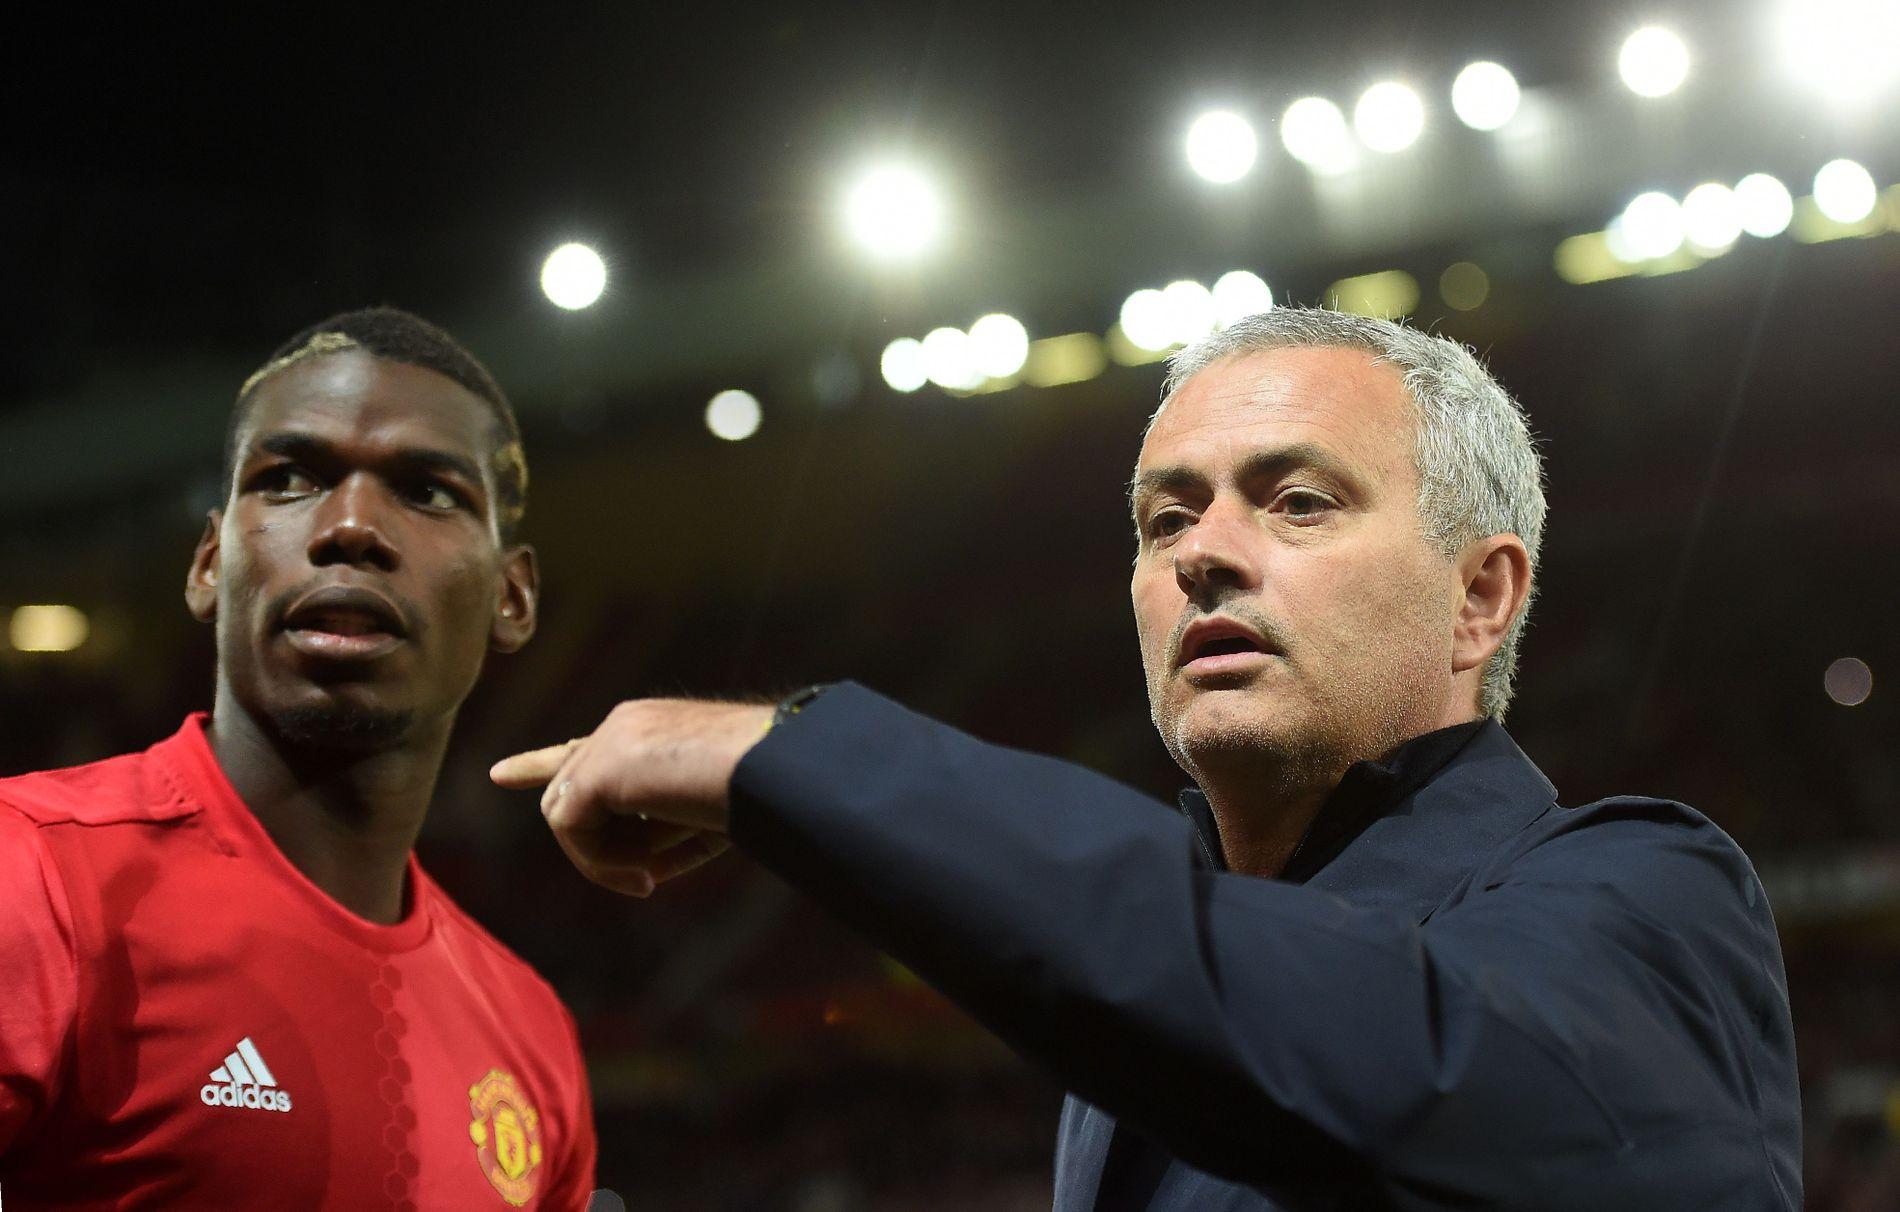 SKJØNN FORENING: José Mourinho og Paul Pogba er de beste av perlevenner, ifølge sistnevnte.